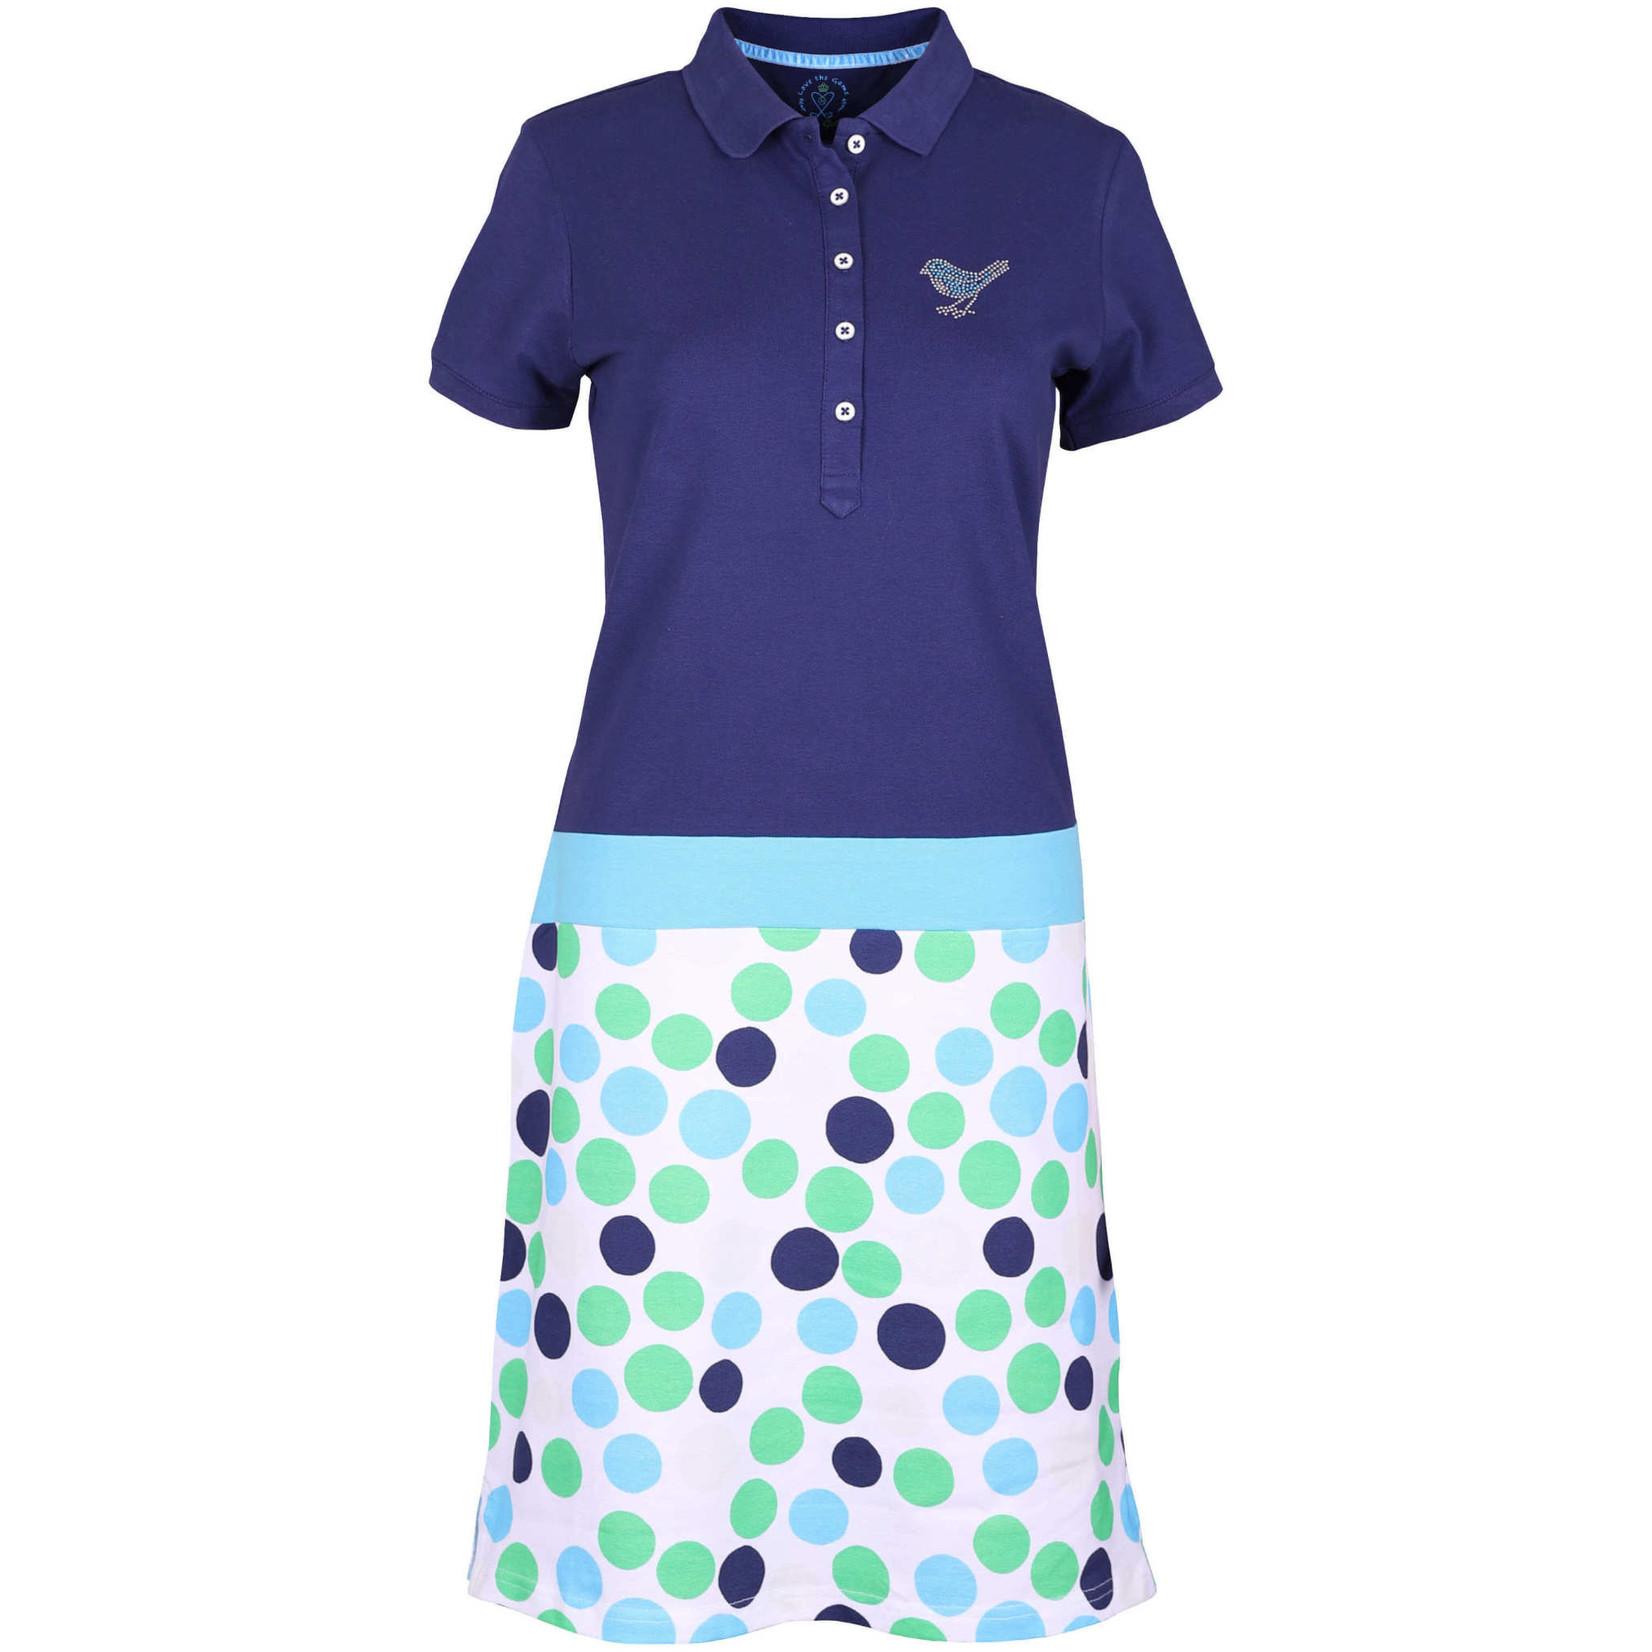 Girls Golf Girls Golf Dress polka dot blue polka dot blue XL